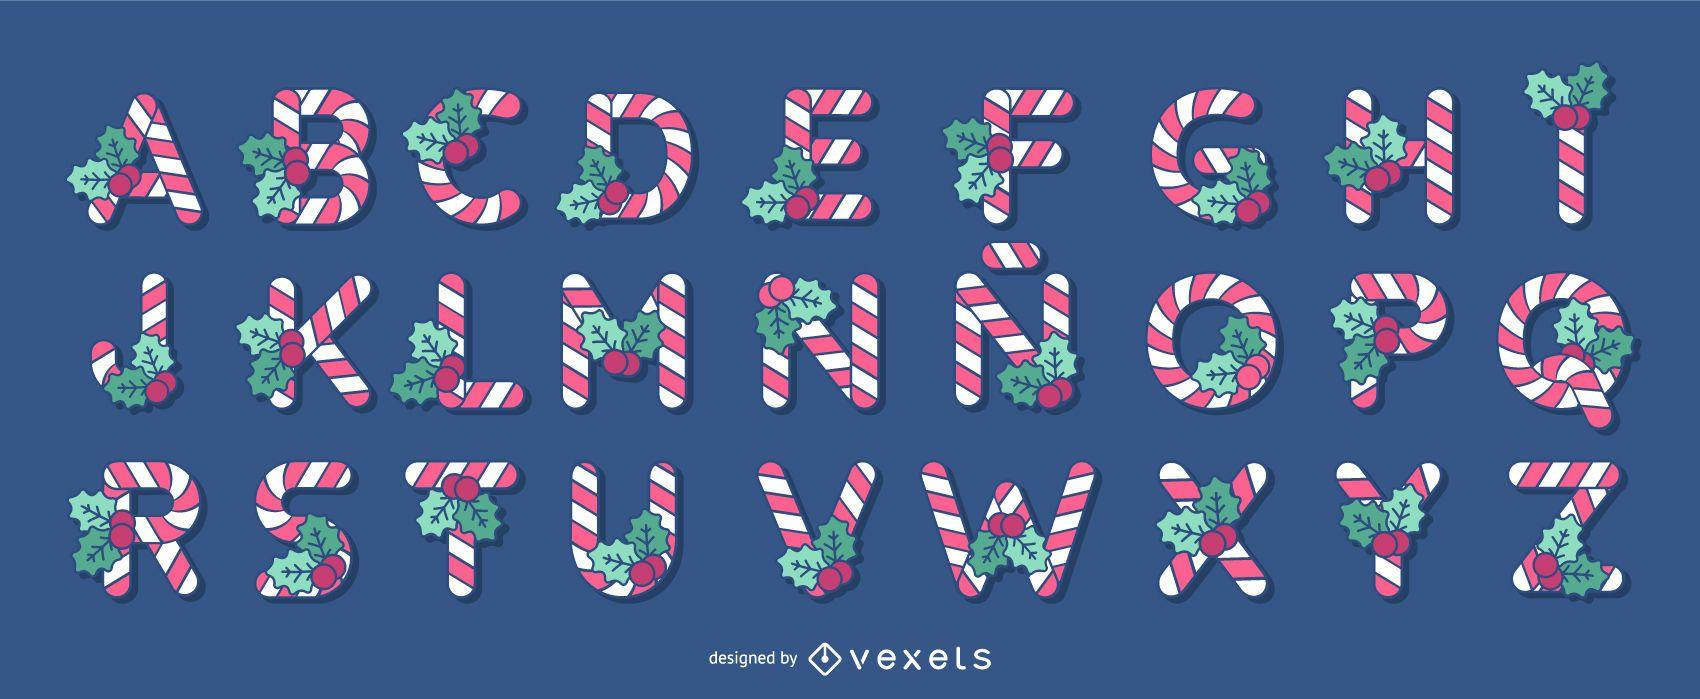 Conjunto de letras del alfabeto del bastón de caramelo de Navidad